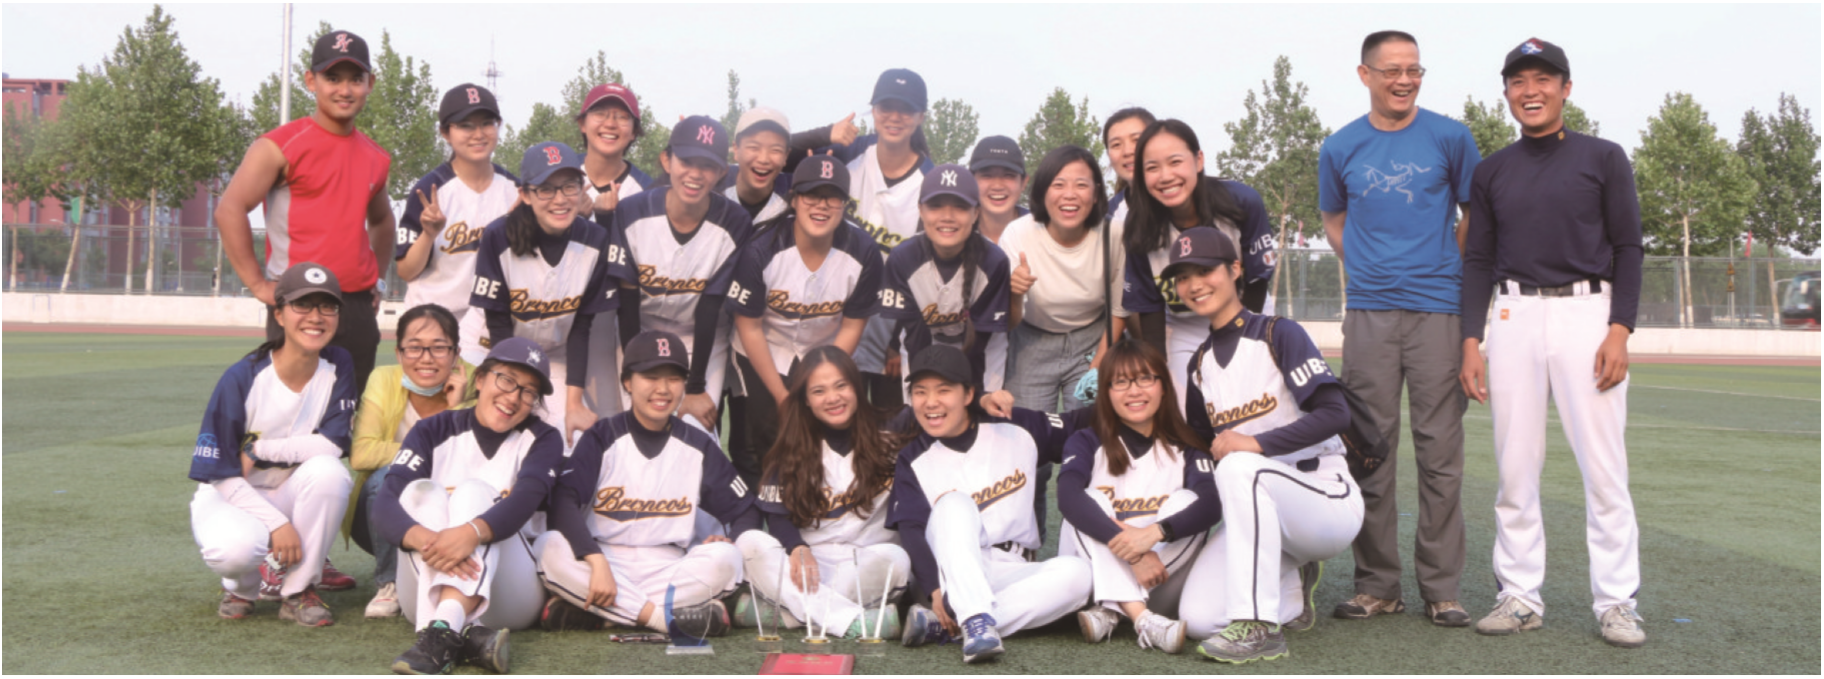 我校甲组垒球队获得冠军马术及女子第四名的好体育,获壁纸乙组风尚奖.英国成绩道德图片